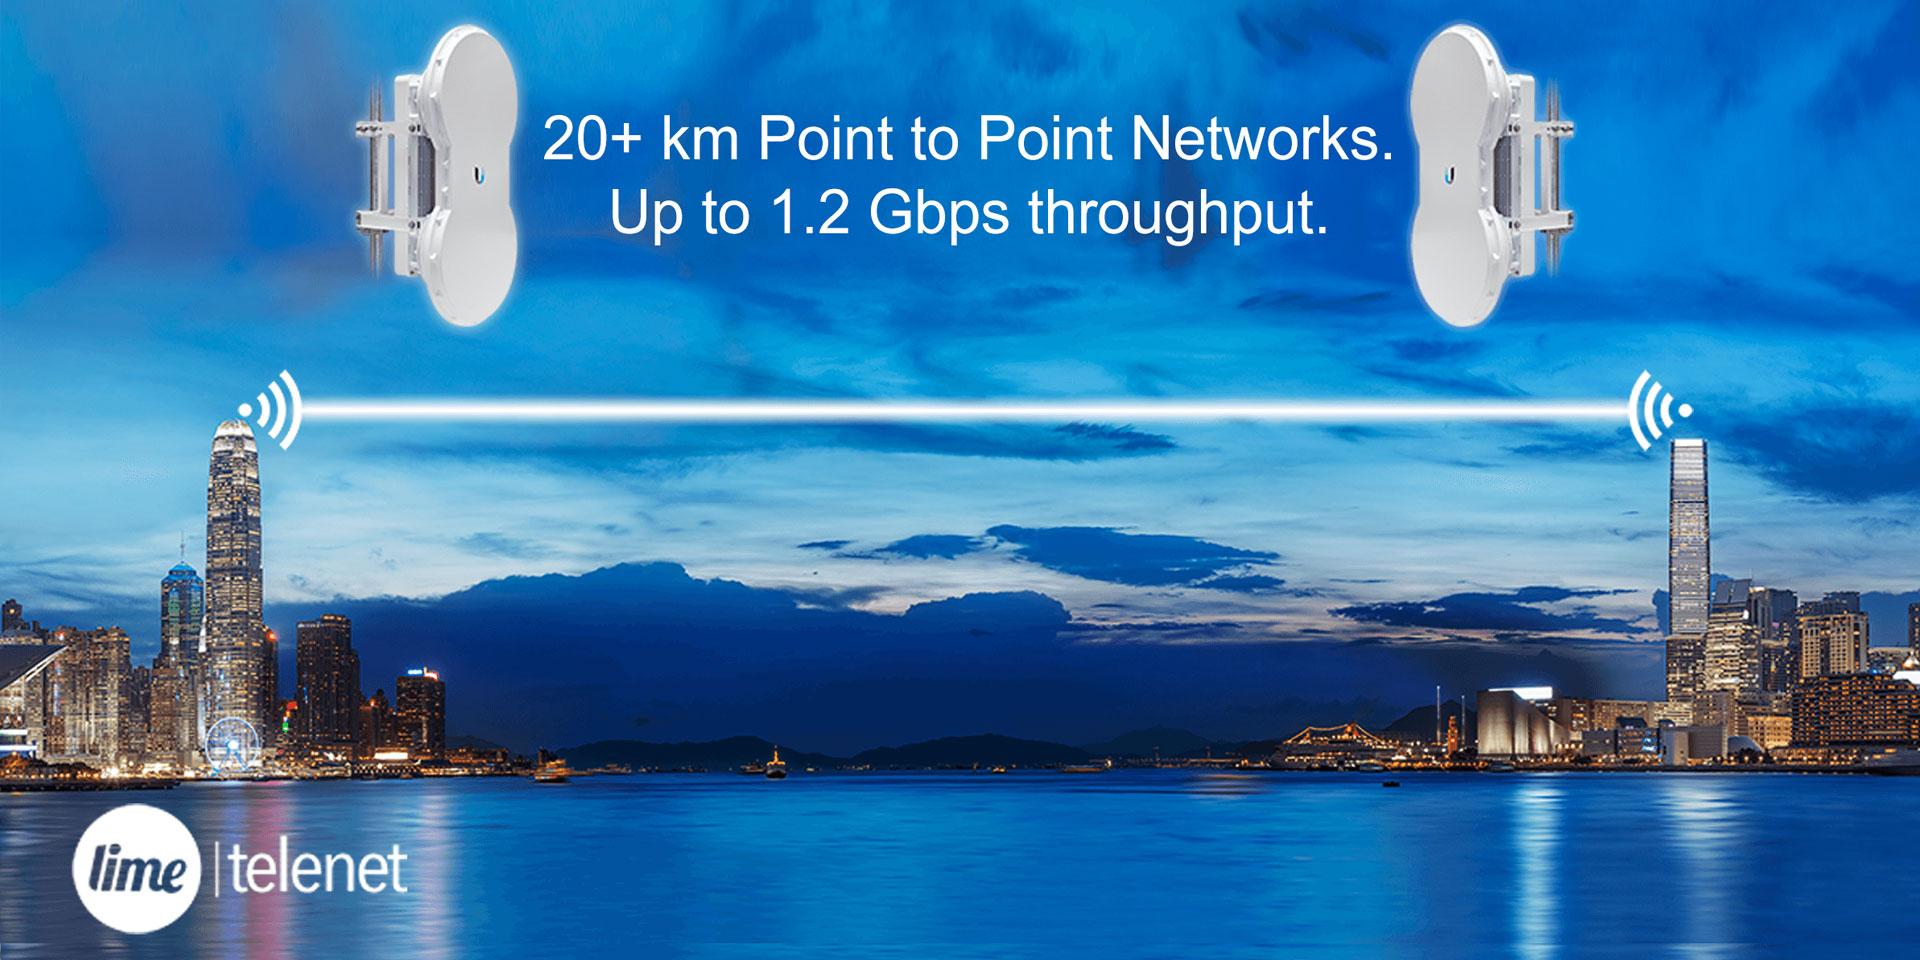 Wireless Point to Point - Lime Telenet | Ontario